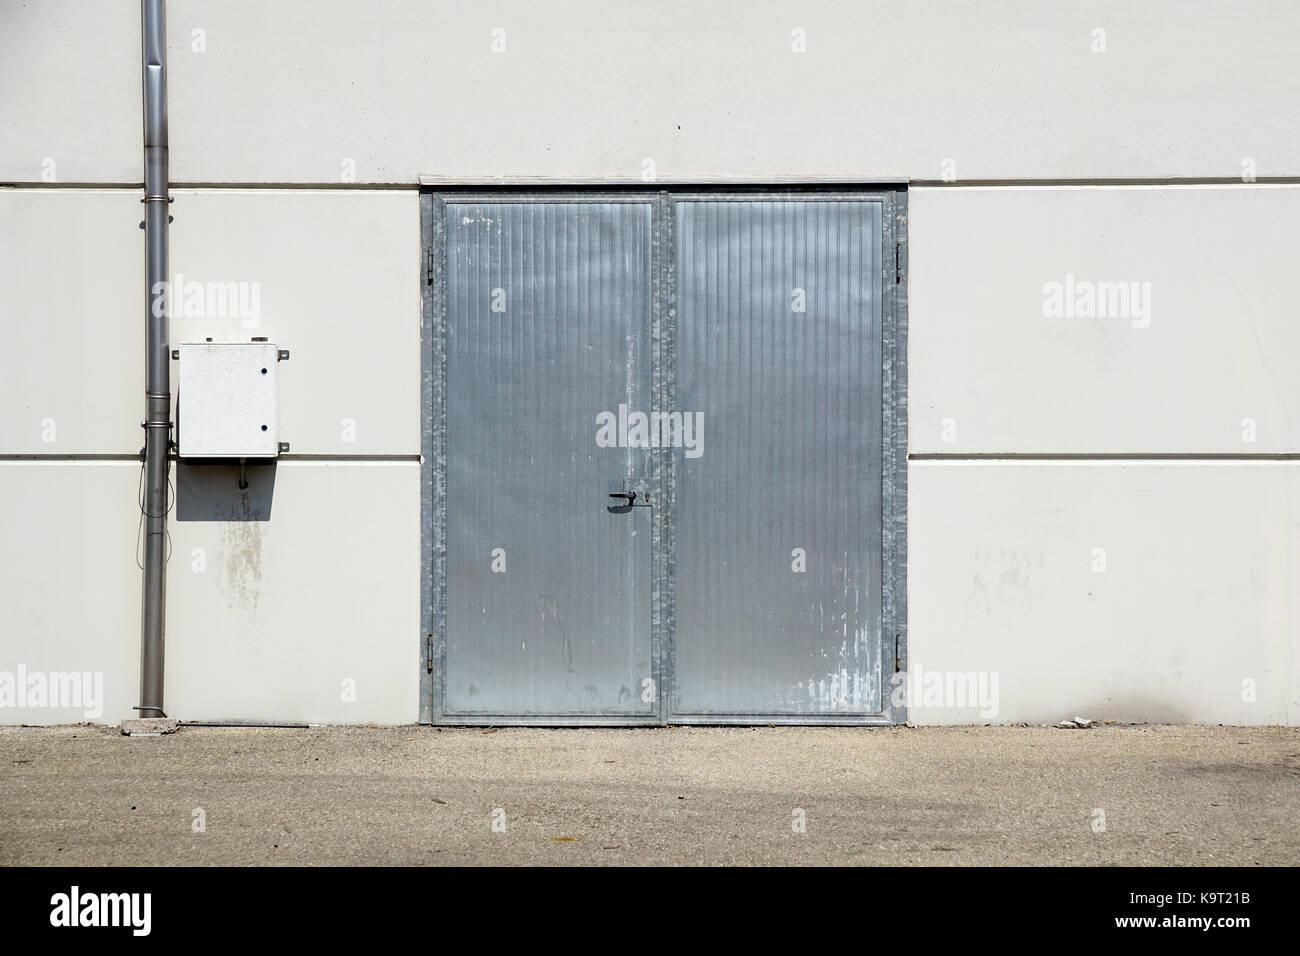 White Overhead Steel Garage Door On Exterior Of Beige Metal Building With  Red Bumper Posts .